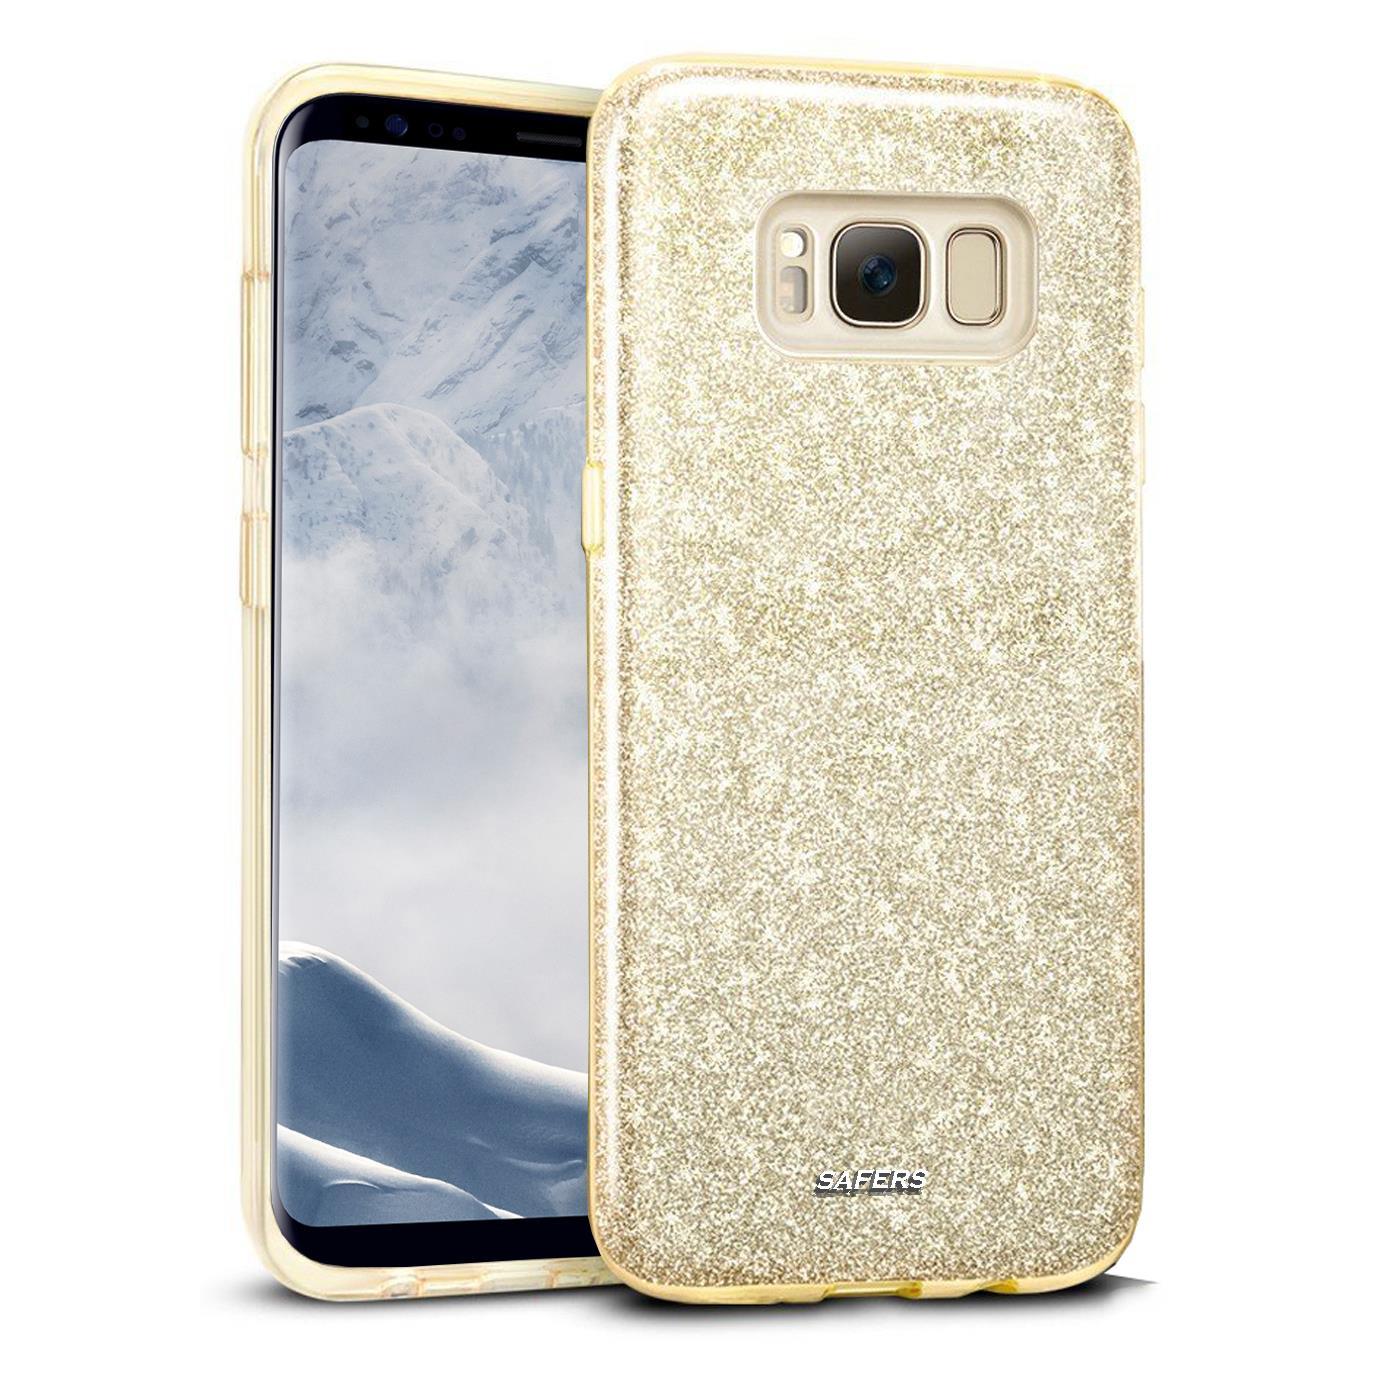 Duenn-Silikon-Schutz-Huelle-Handy-Tasche-Handyhuelle-Glitzer-Case-Slim-Cover-TPU